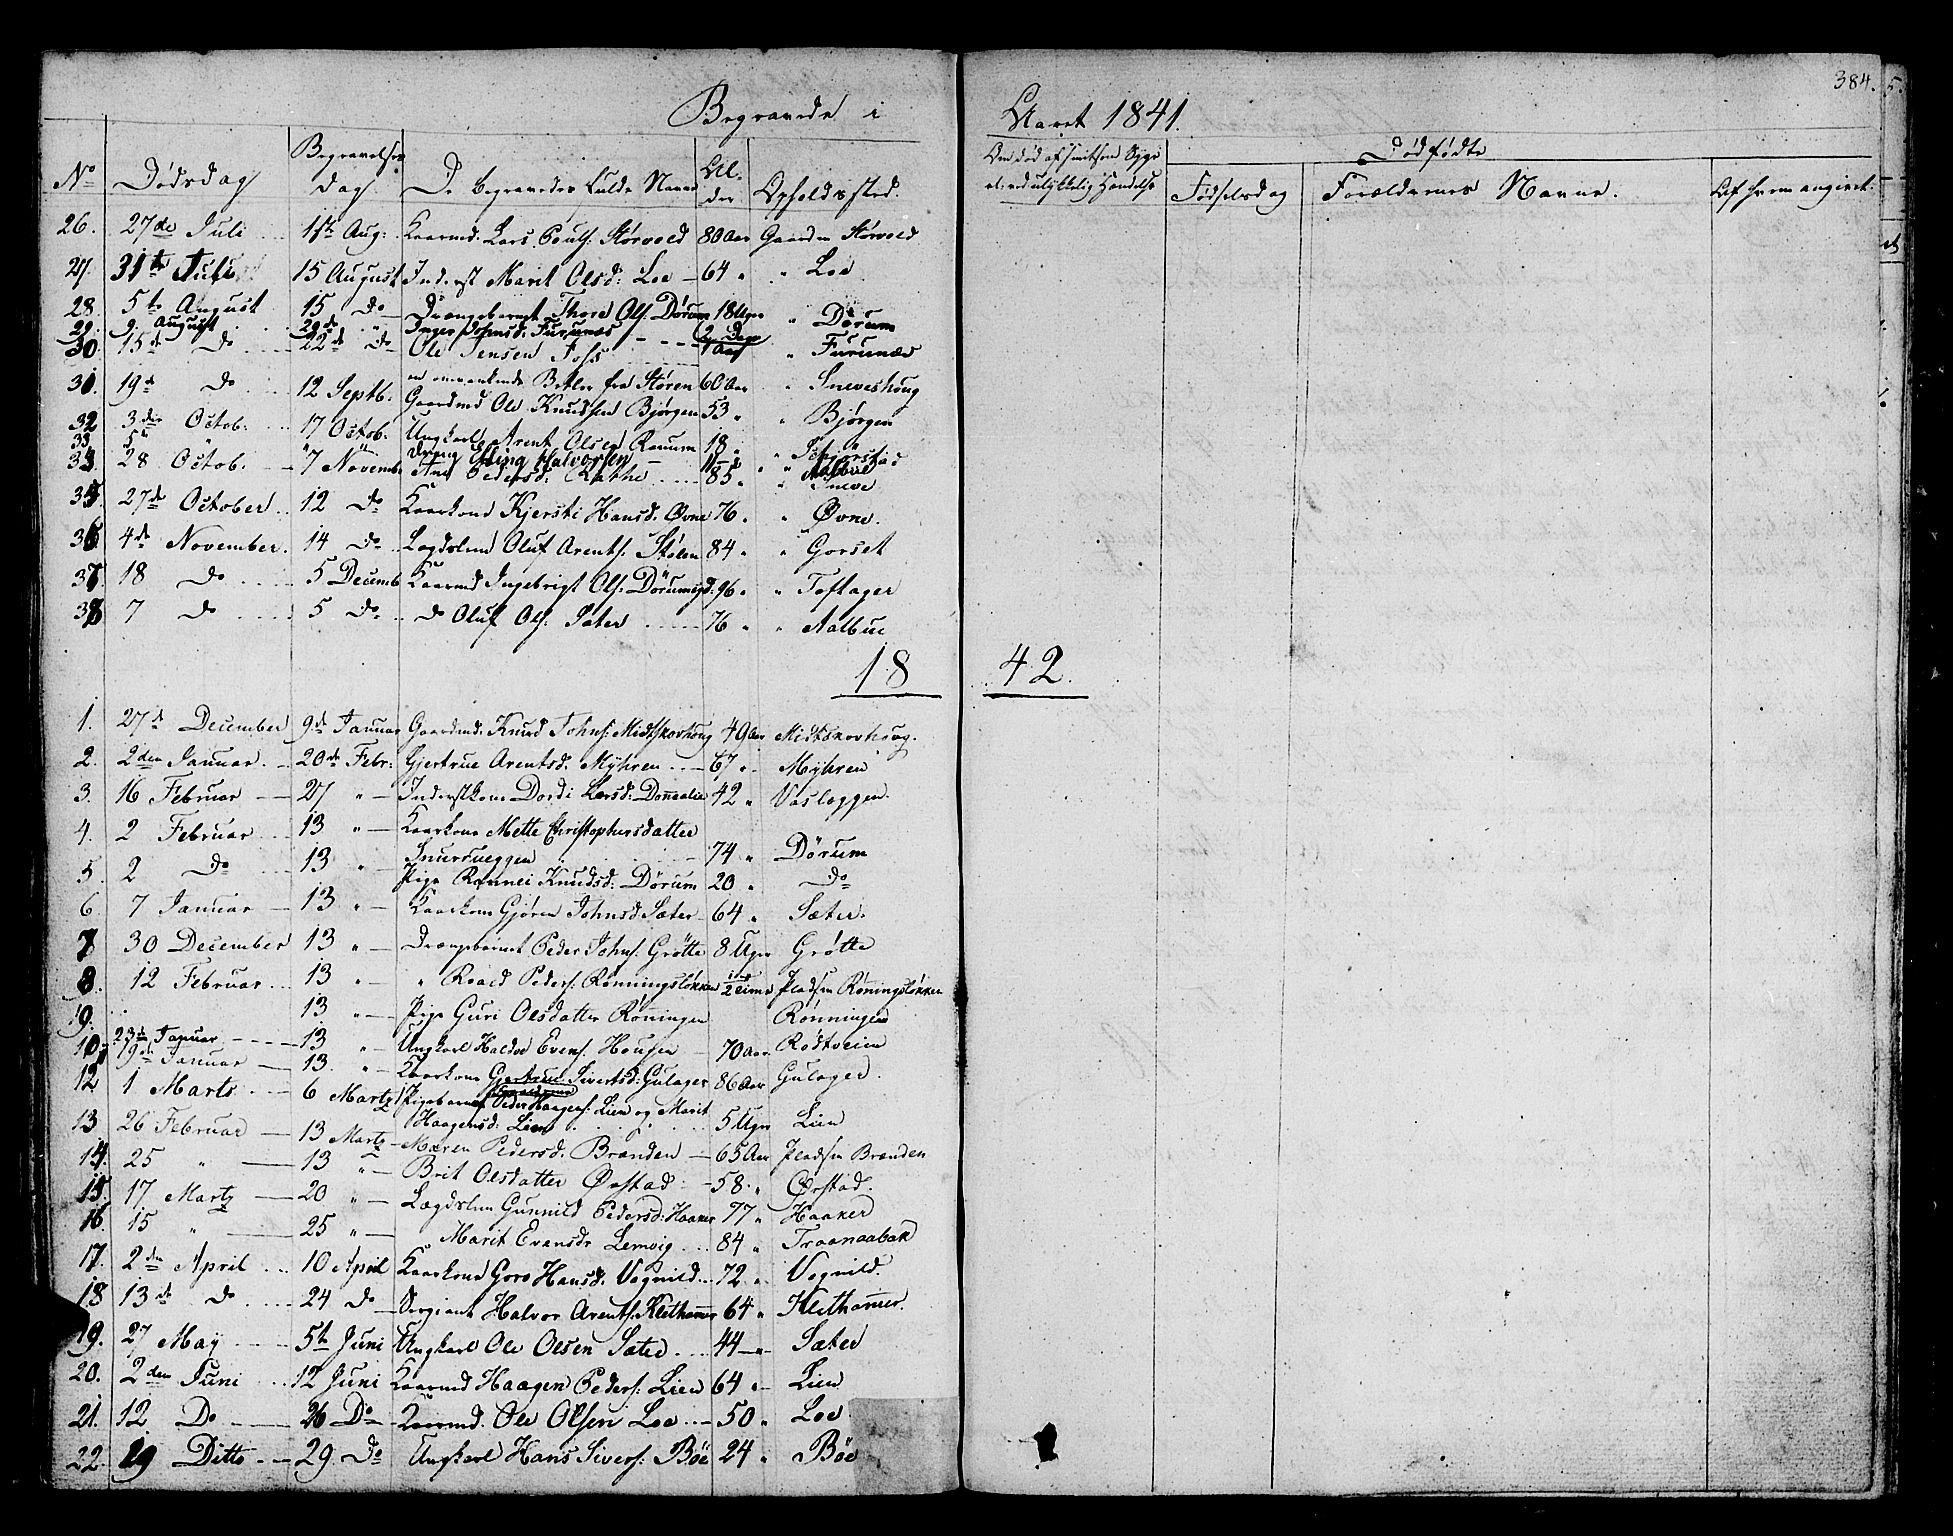 SAT, Ministerialprotokoller, klokkerbøker og fødselsregistre - Sør-Trøndelag, 678/L0897: Ministerialbok nr. 678A06-07, 1821-1847, s. 384